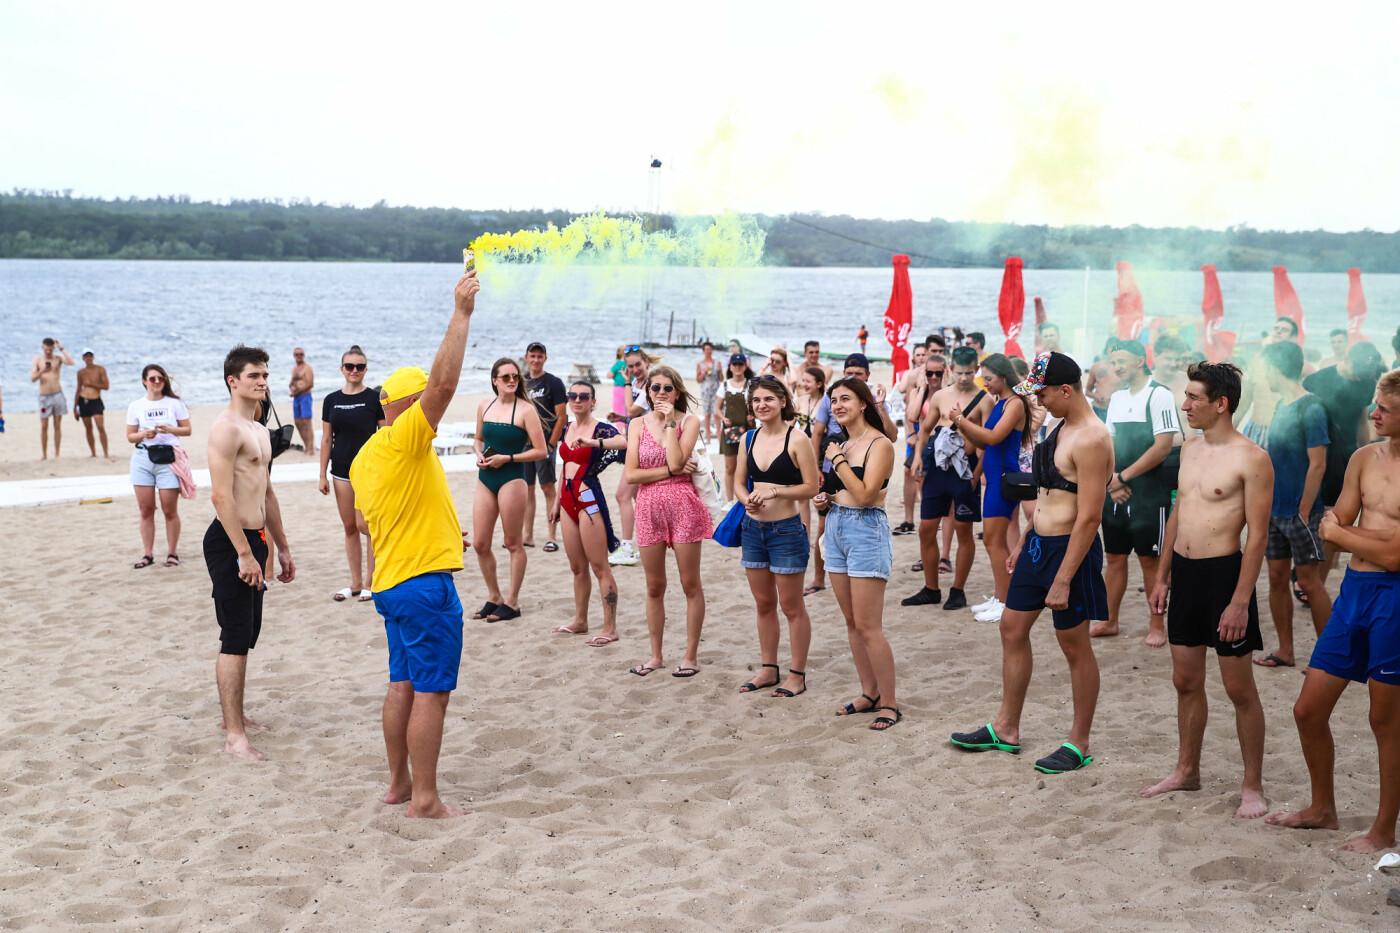 На пляже в Запорожье зажгли желто-синие дымовые шашки и установили рекорд Украины, - ФОТОРЕПОРТАЖ, фото-5